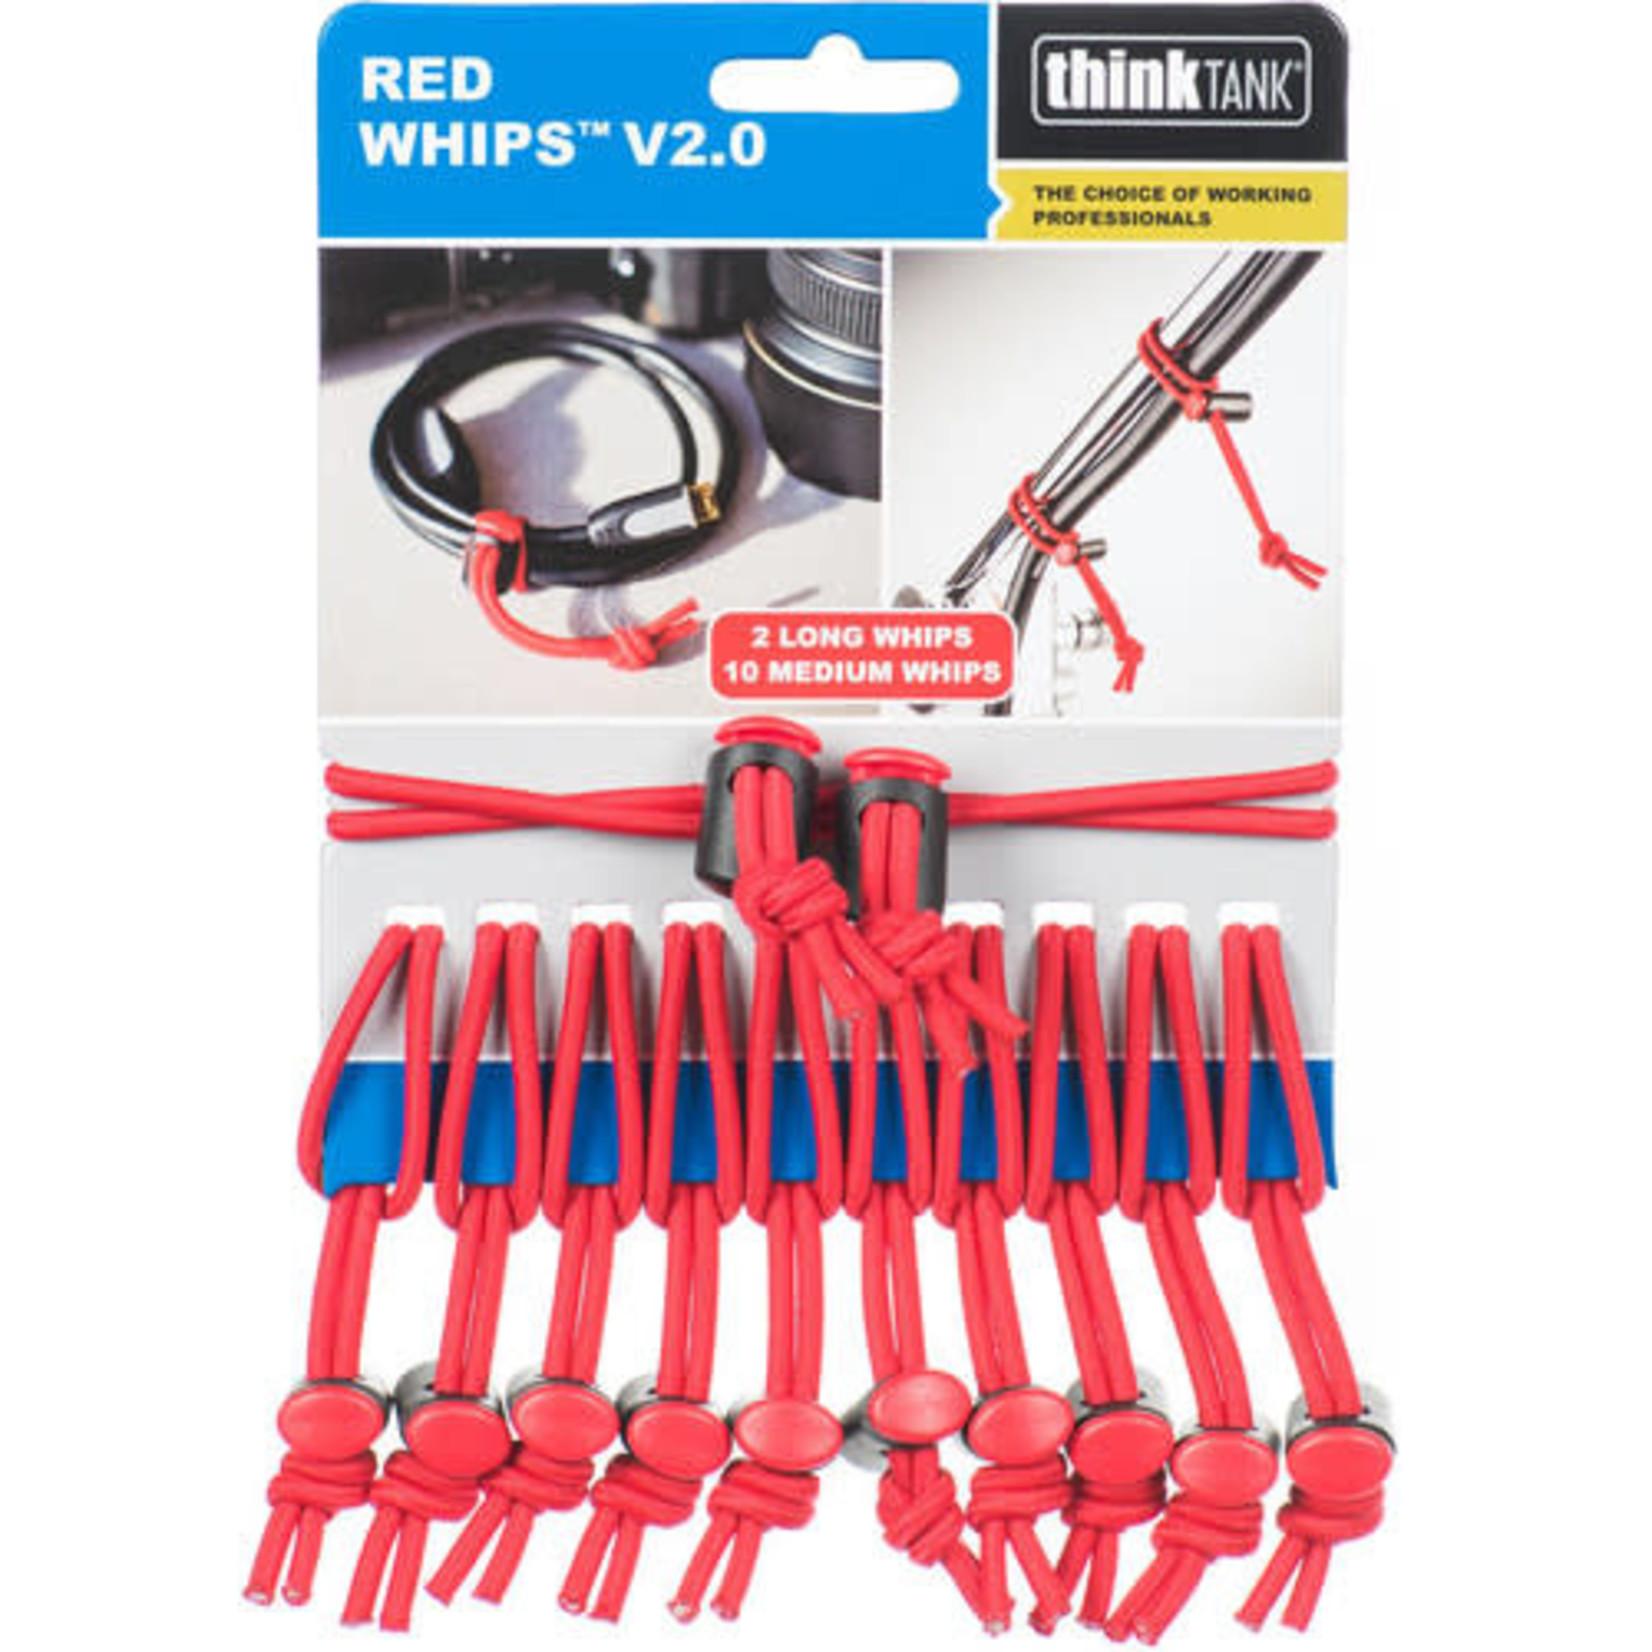 ThinkTank Red Whips™ V2.0 - Bulk Pack of 24